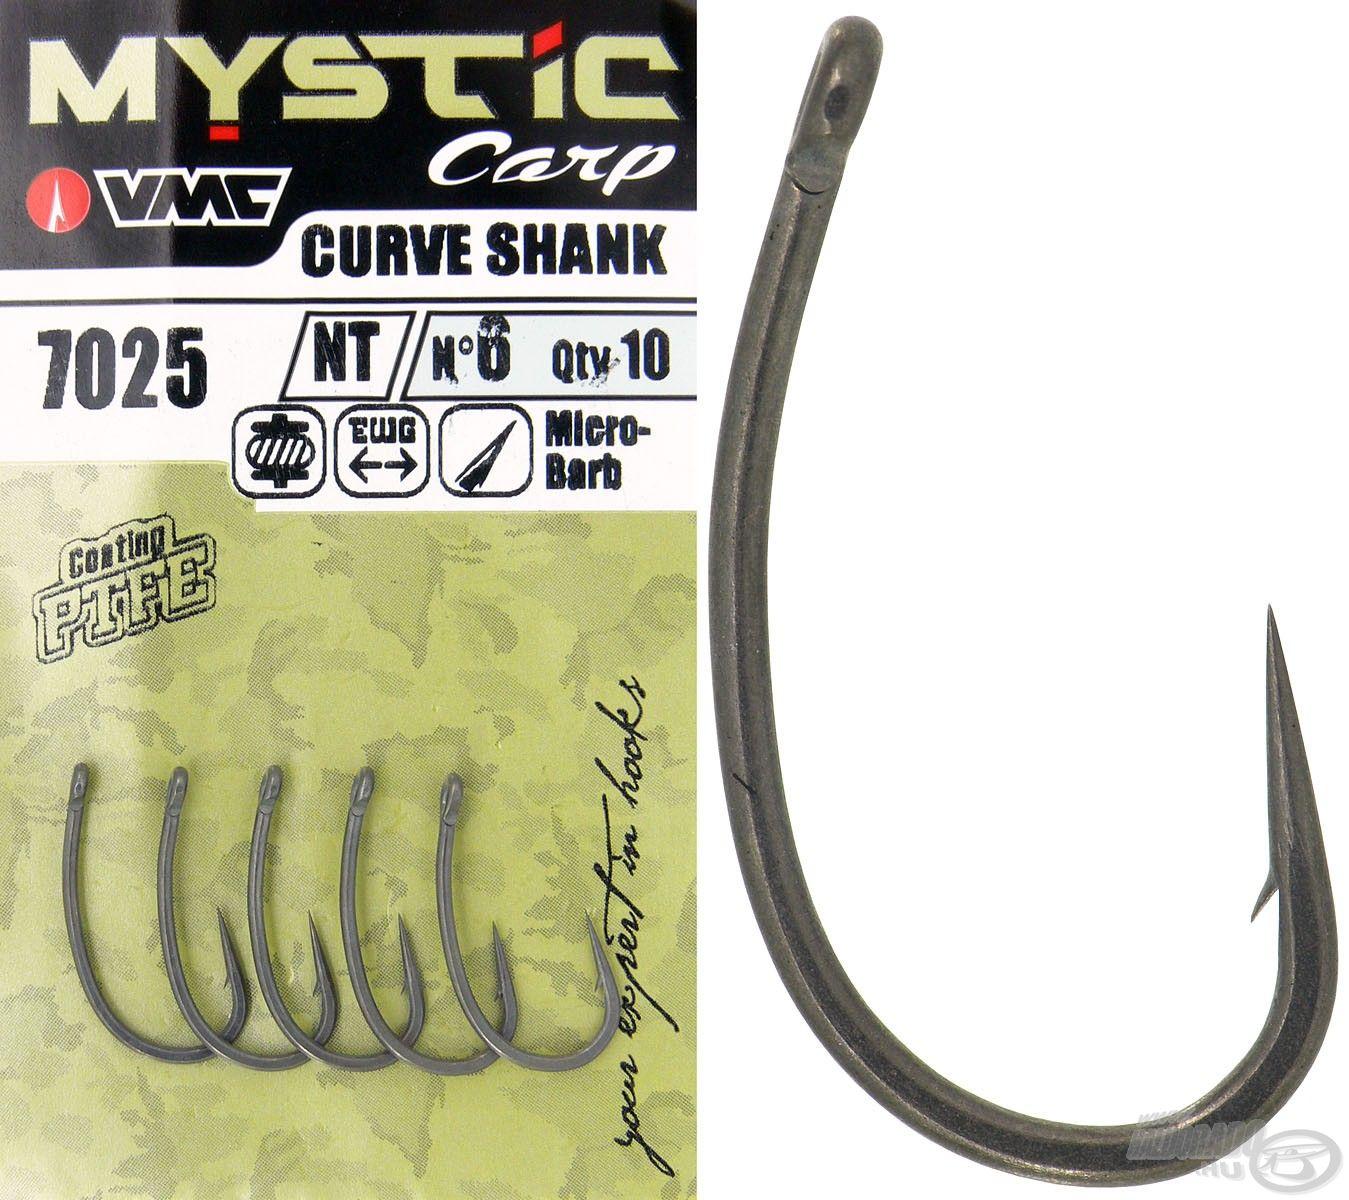 Bemutatjuk a Mystic Carp Curve Shank horgot, ami a VMC legsokoldalúbb nagypontyos modellje!